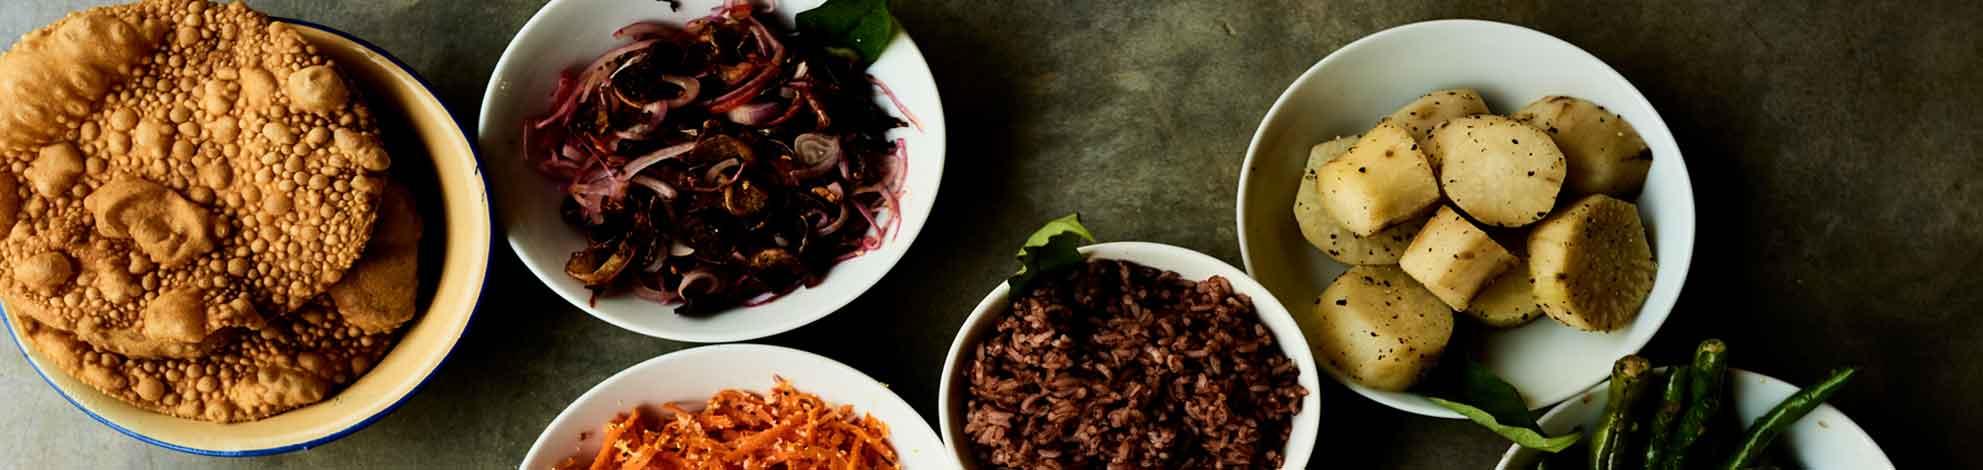 Srilanka-Food